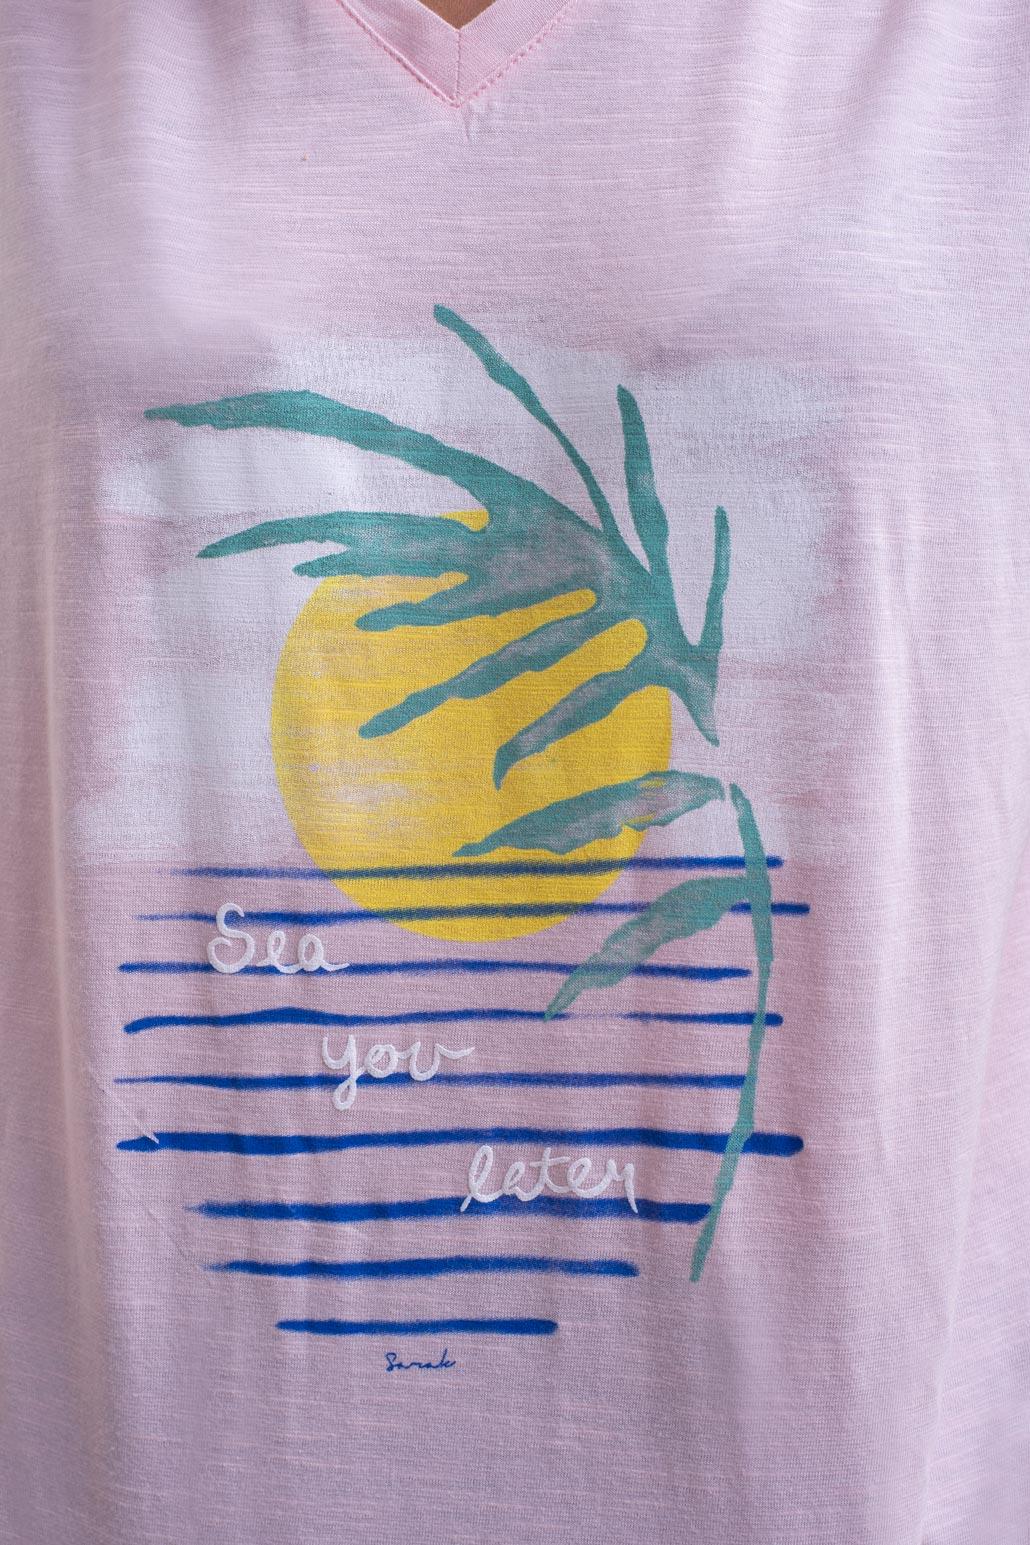 تی شرت دمپا گره ای